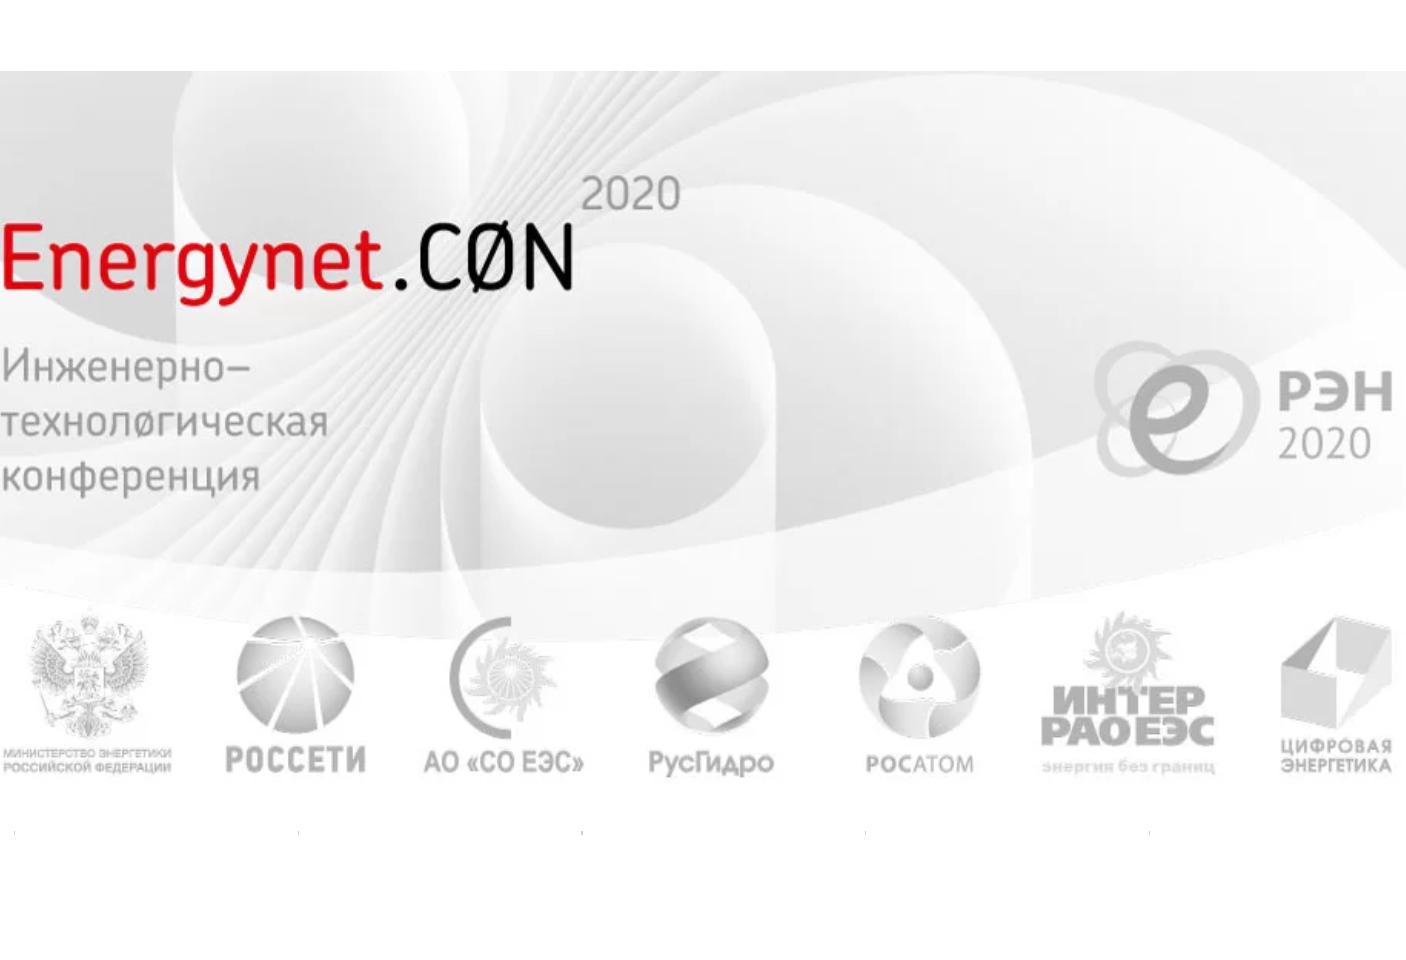 Началась регистрация на конференцию Еnergynet.СОN 2020, которая пройдет вонлайн формате с16 по20ноября 2020 года